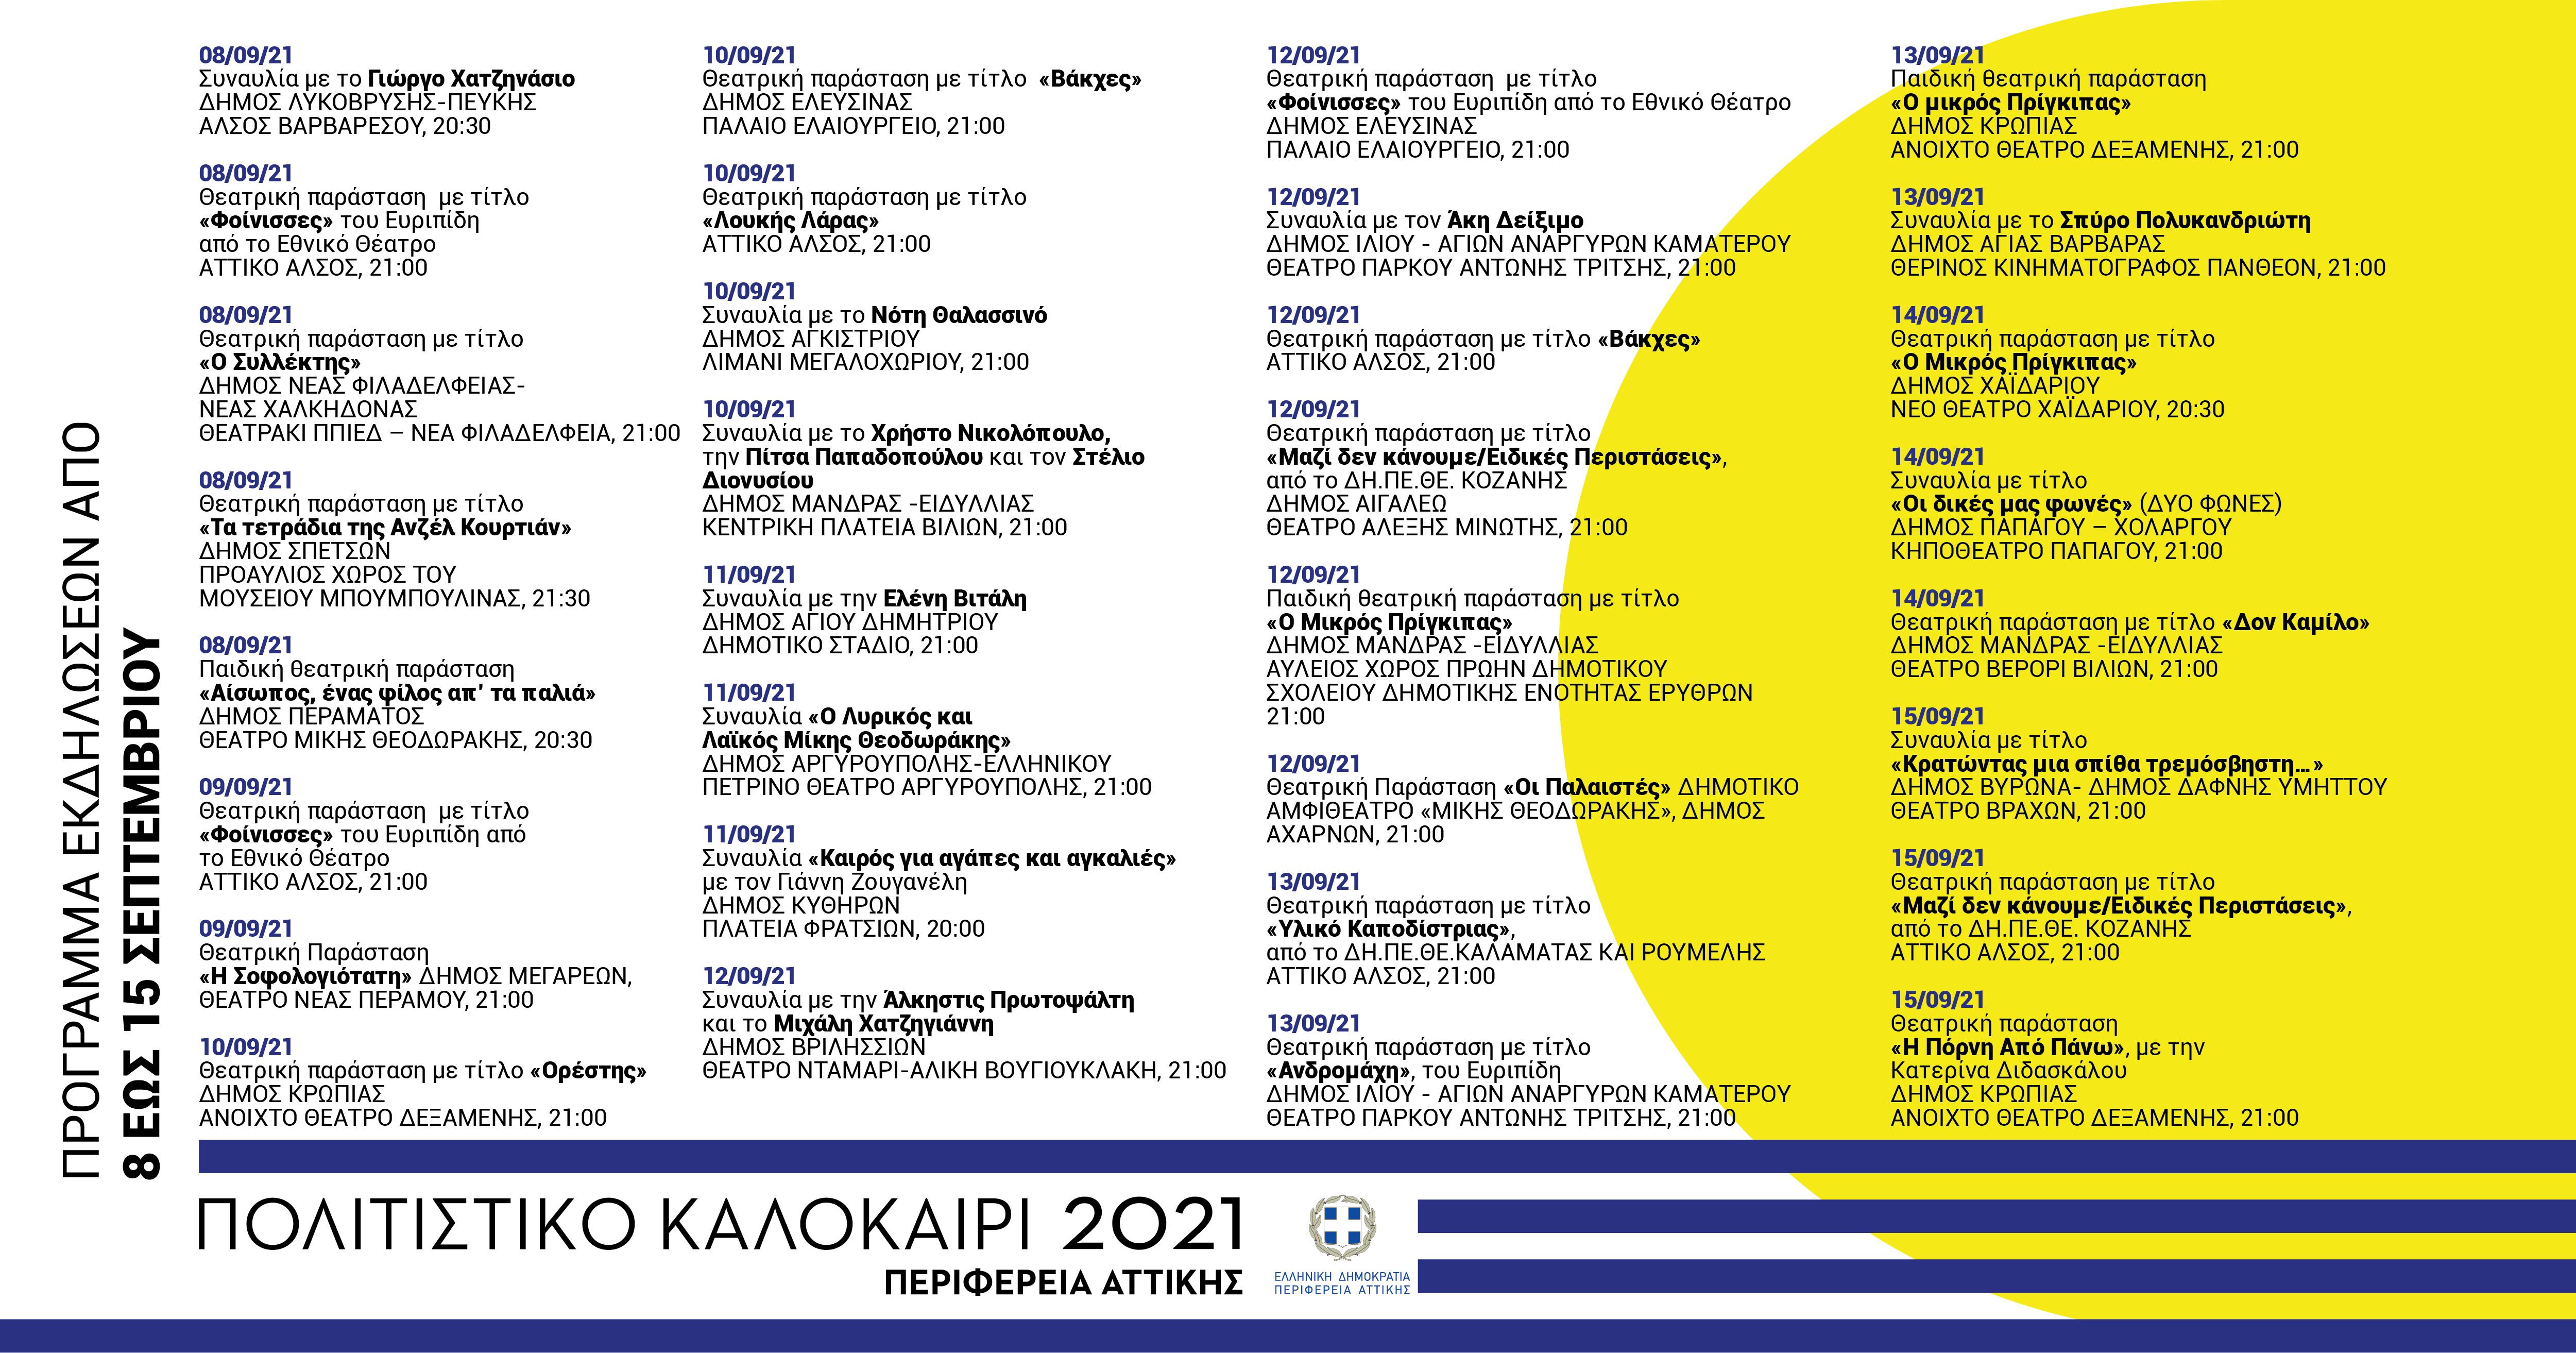 PERIFEREIA_EVENT_8-15.9.2021